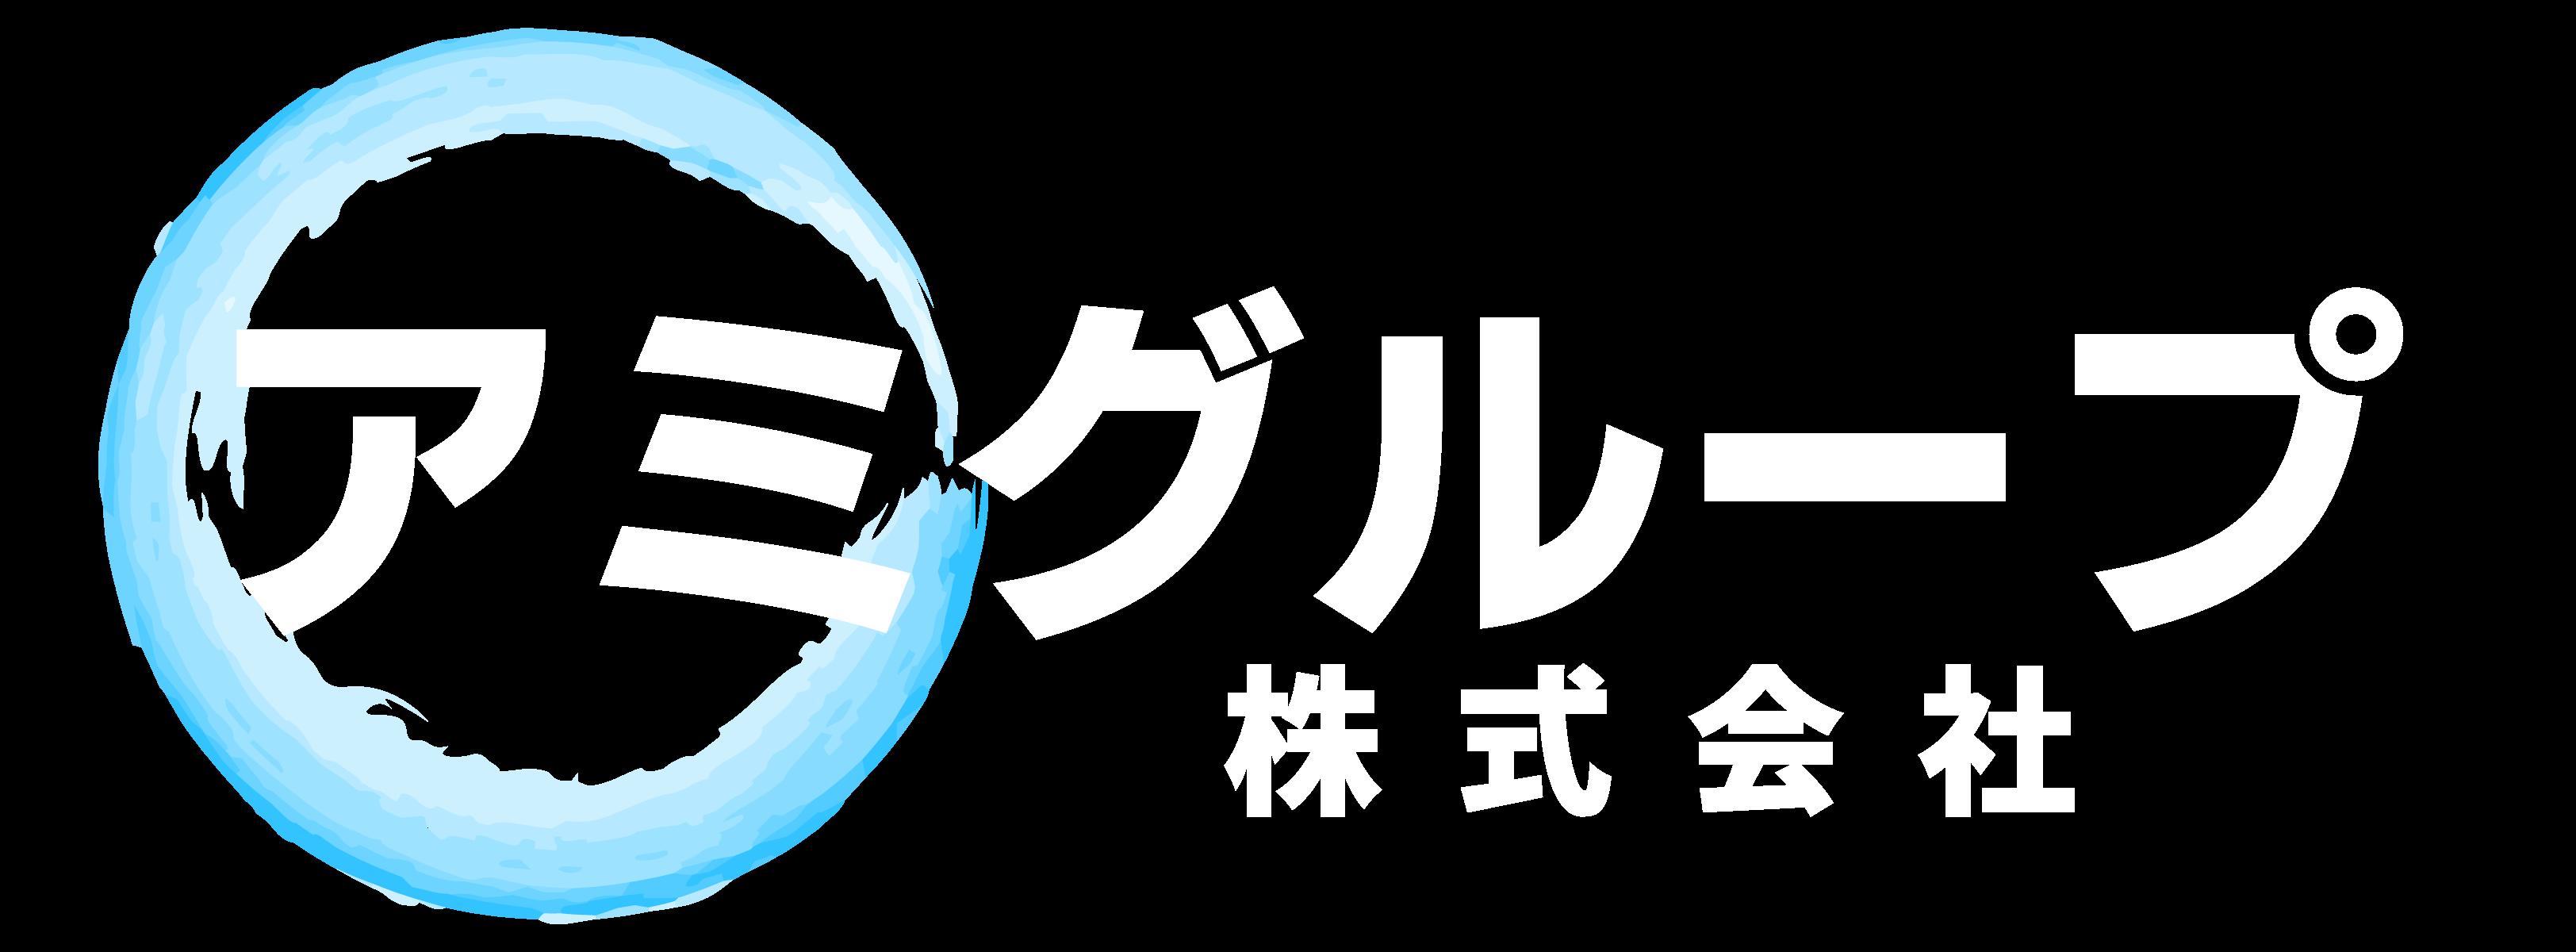 株式会社 アミグループ